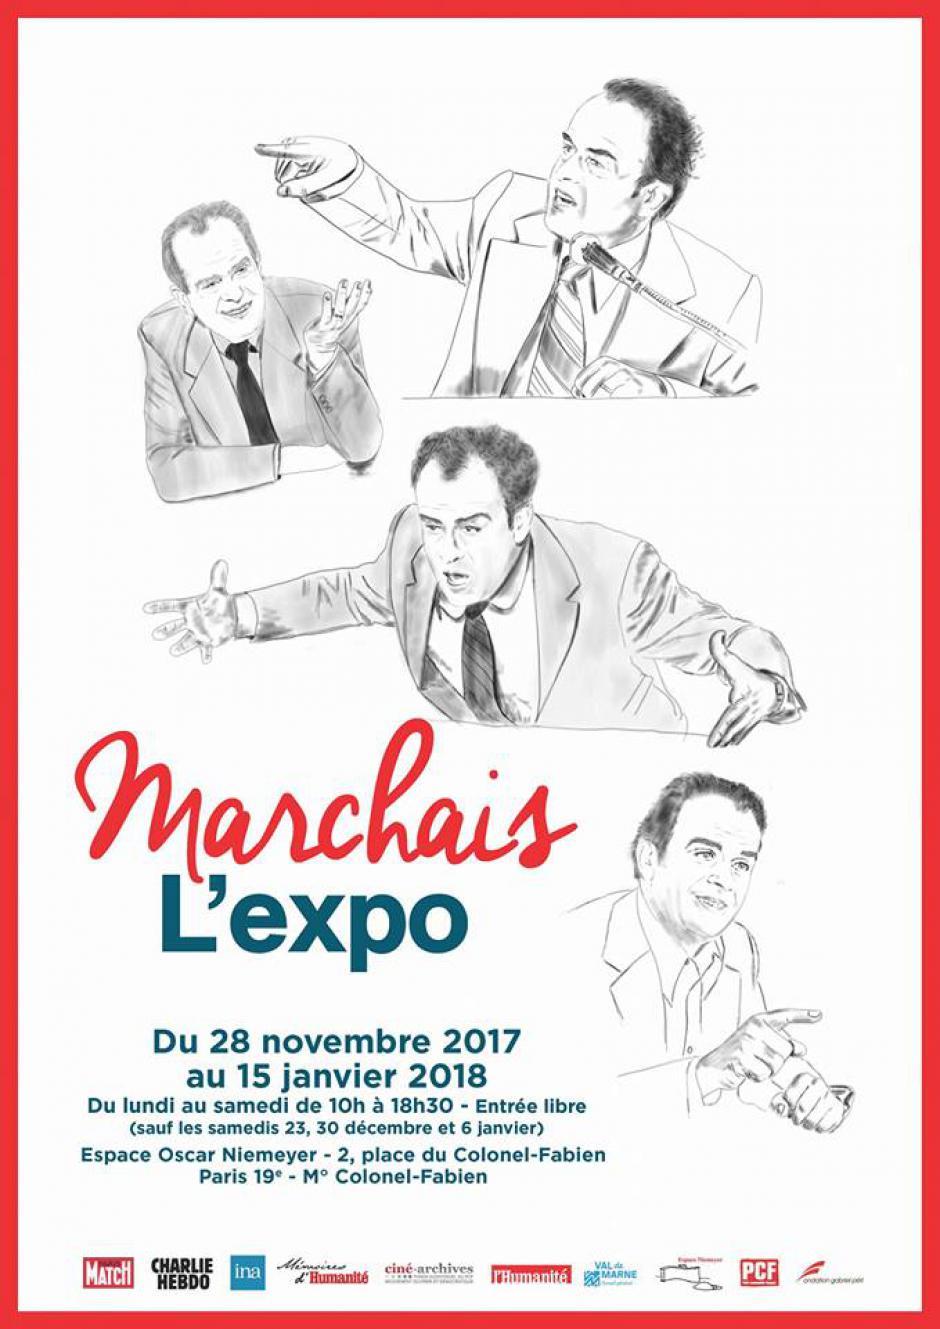 Du 28 novembre au 15 janvier 2018, Paris - Georges Marchais L'Expo